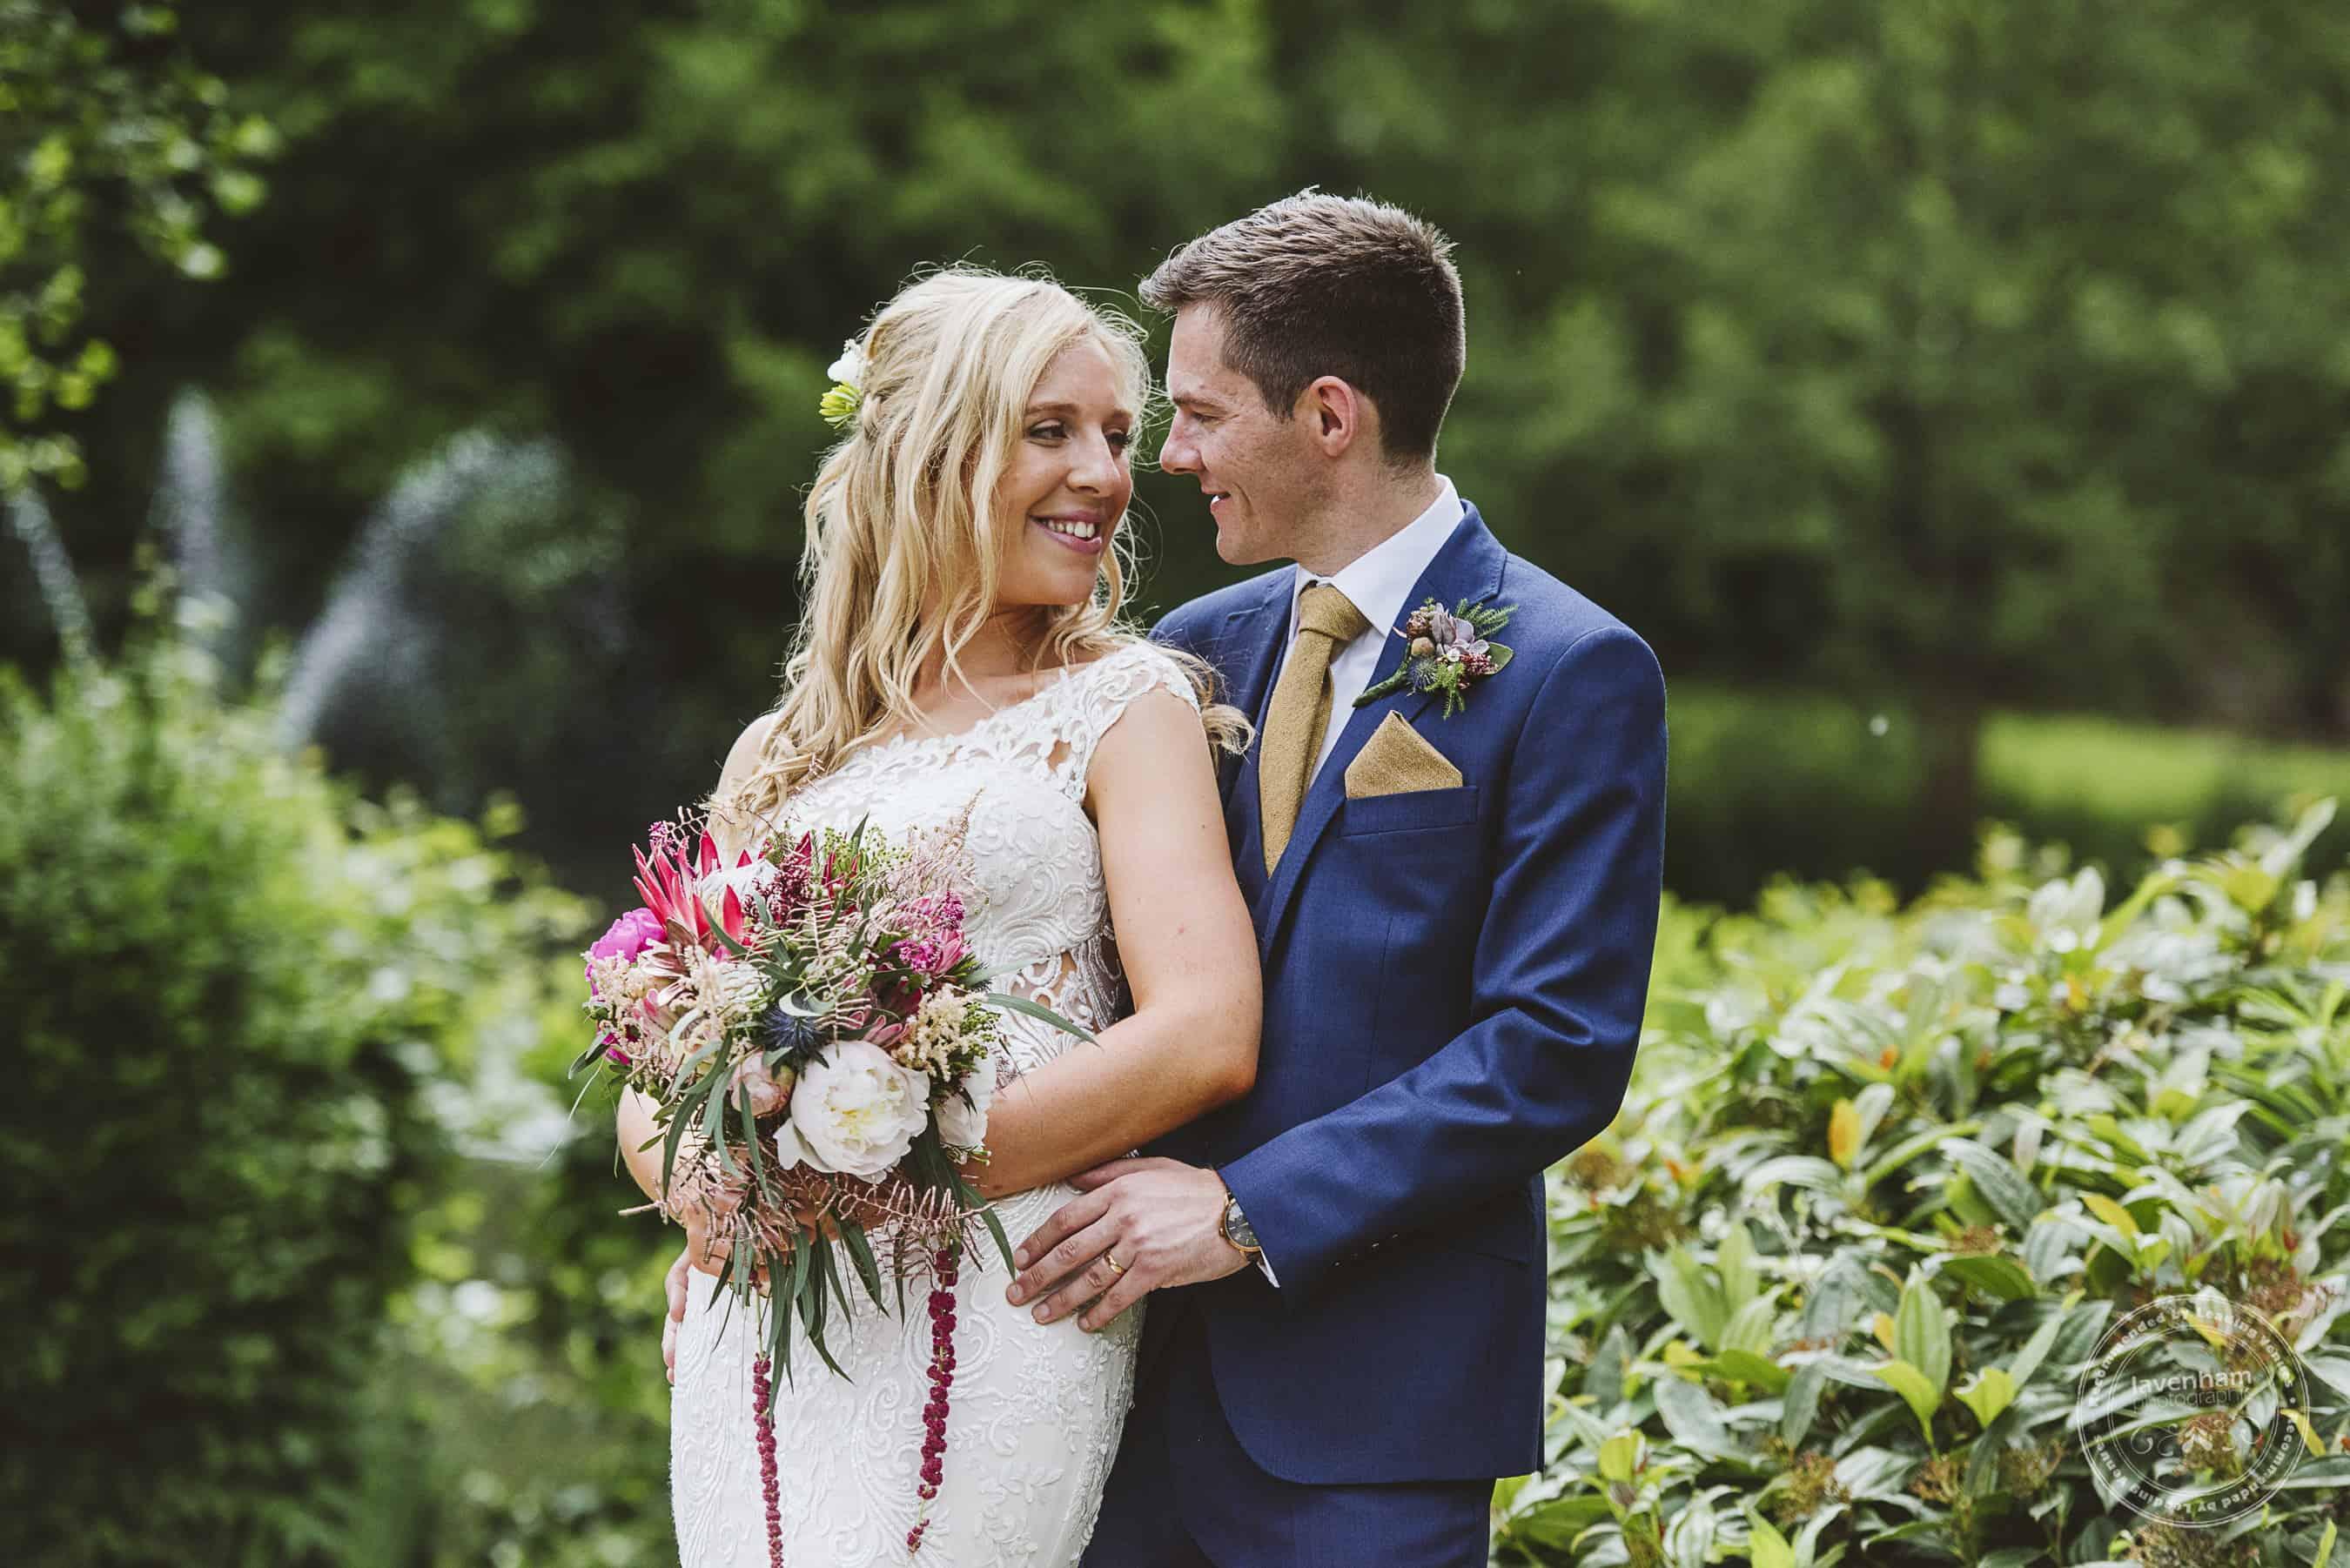 020618 Leez Priory Wedding Photography Lavenham Photographic 109